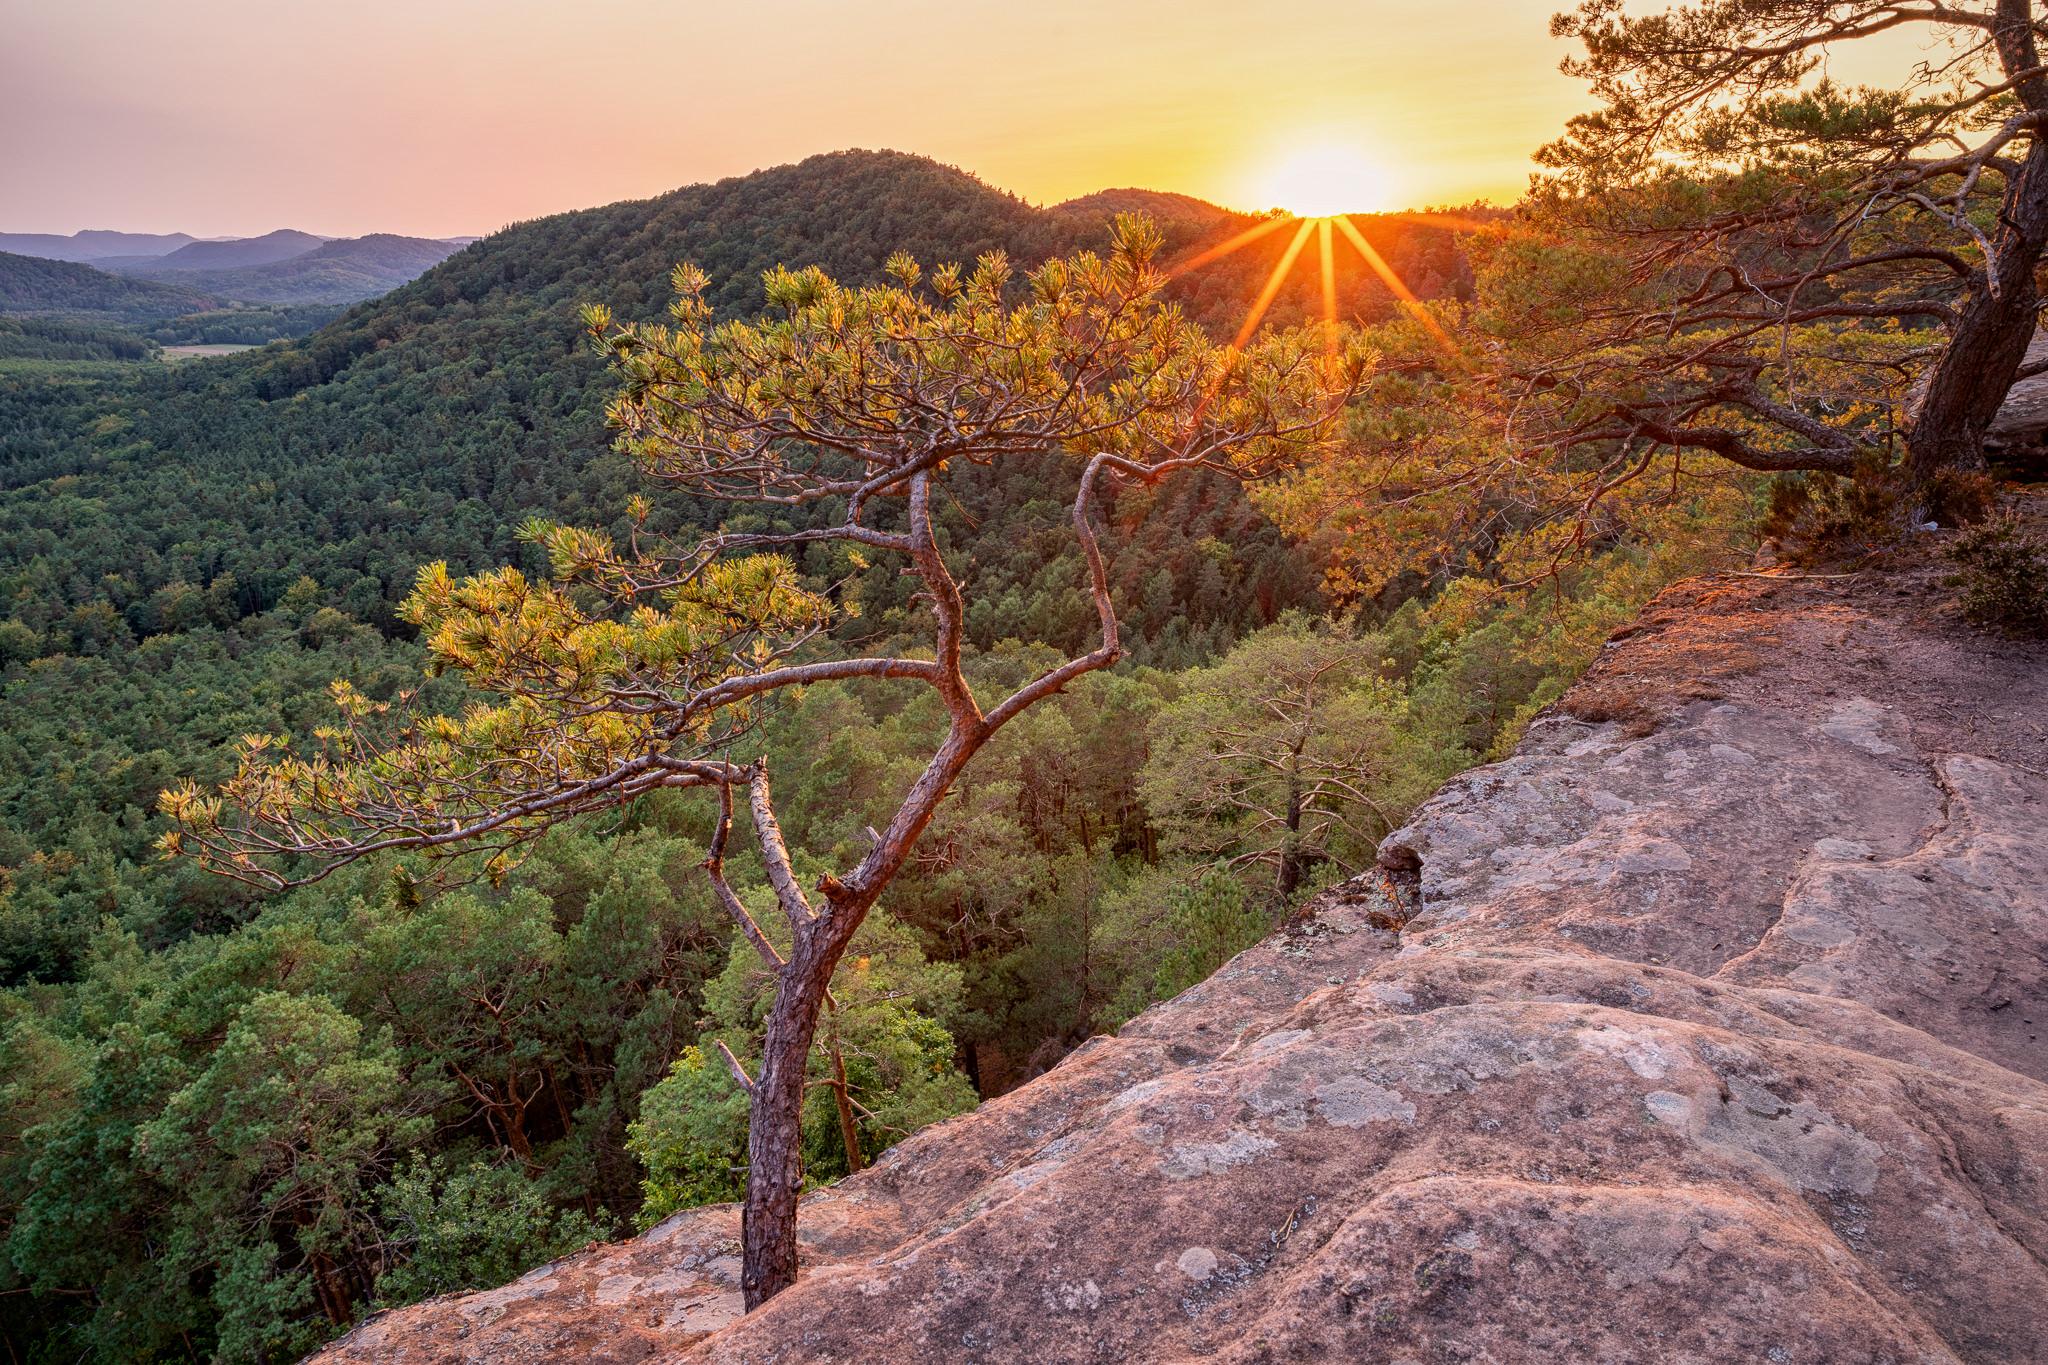 Rötzenfels - Sonnenstern am Abend